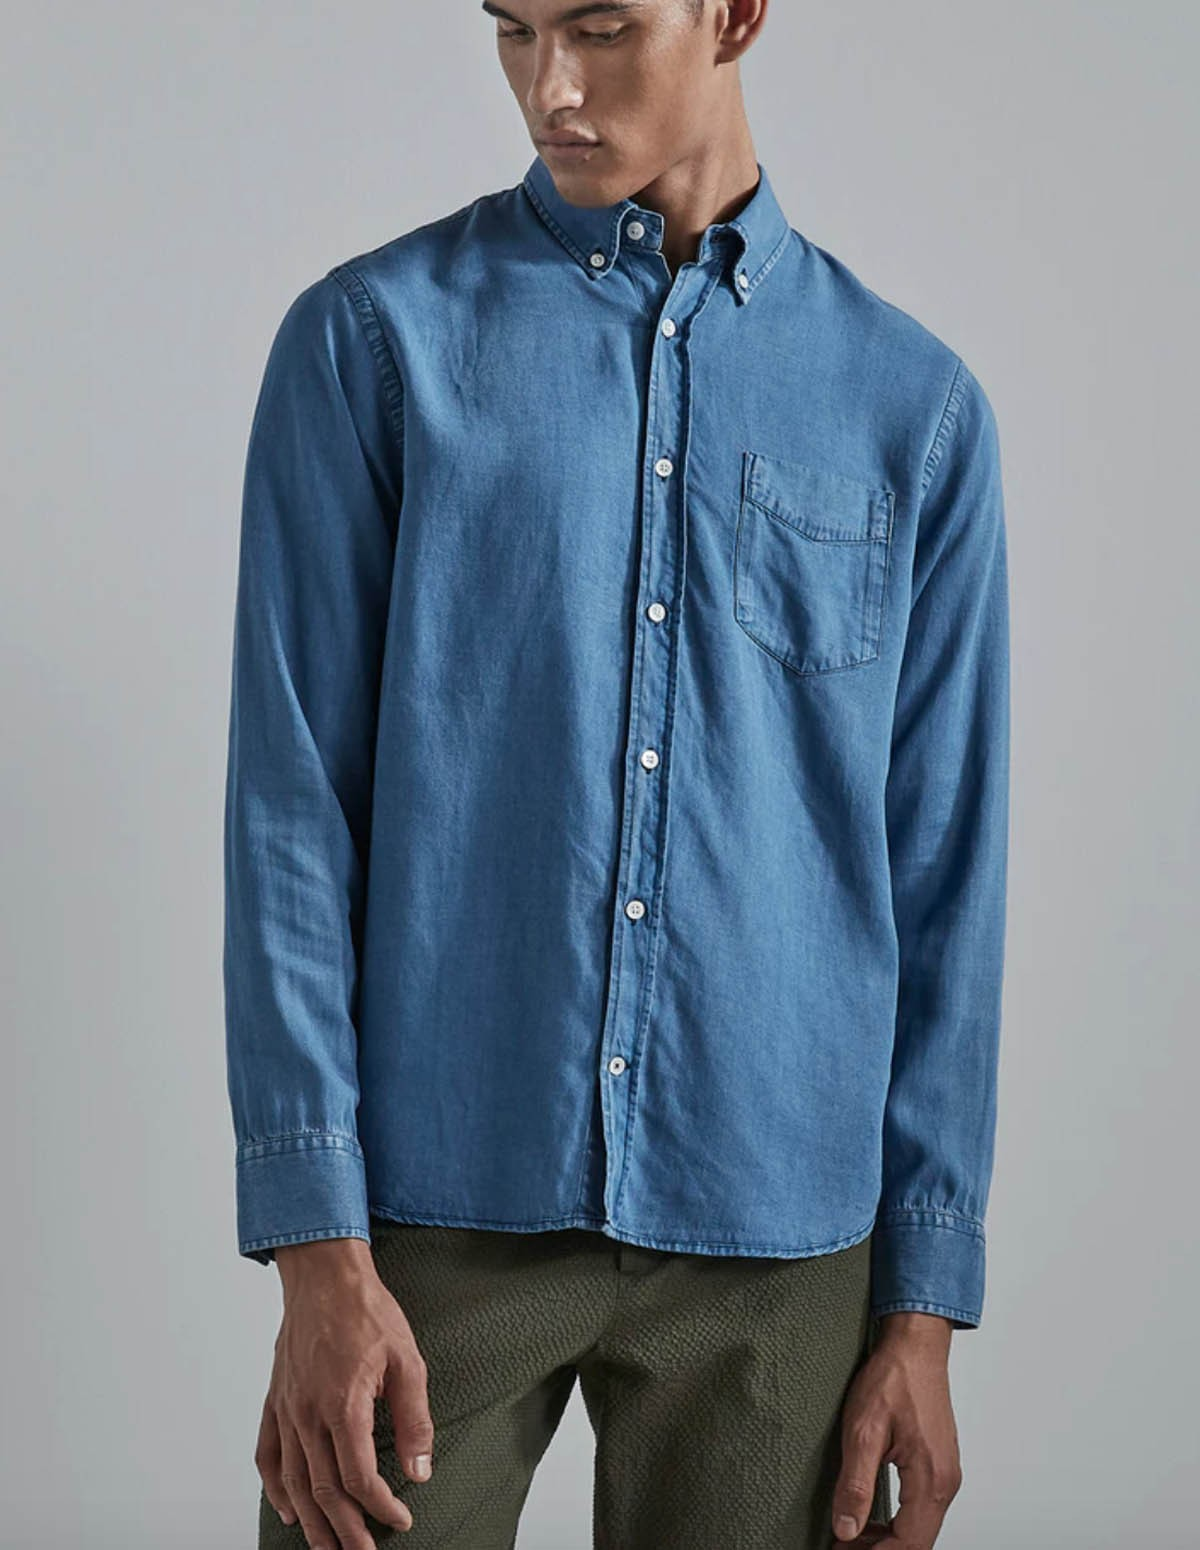 Nn07 Levon Shirt Tencel - LIGHT BLUE 240